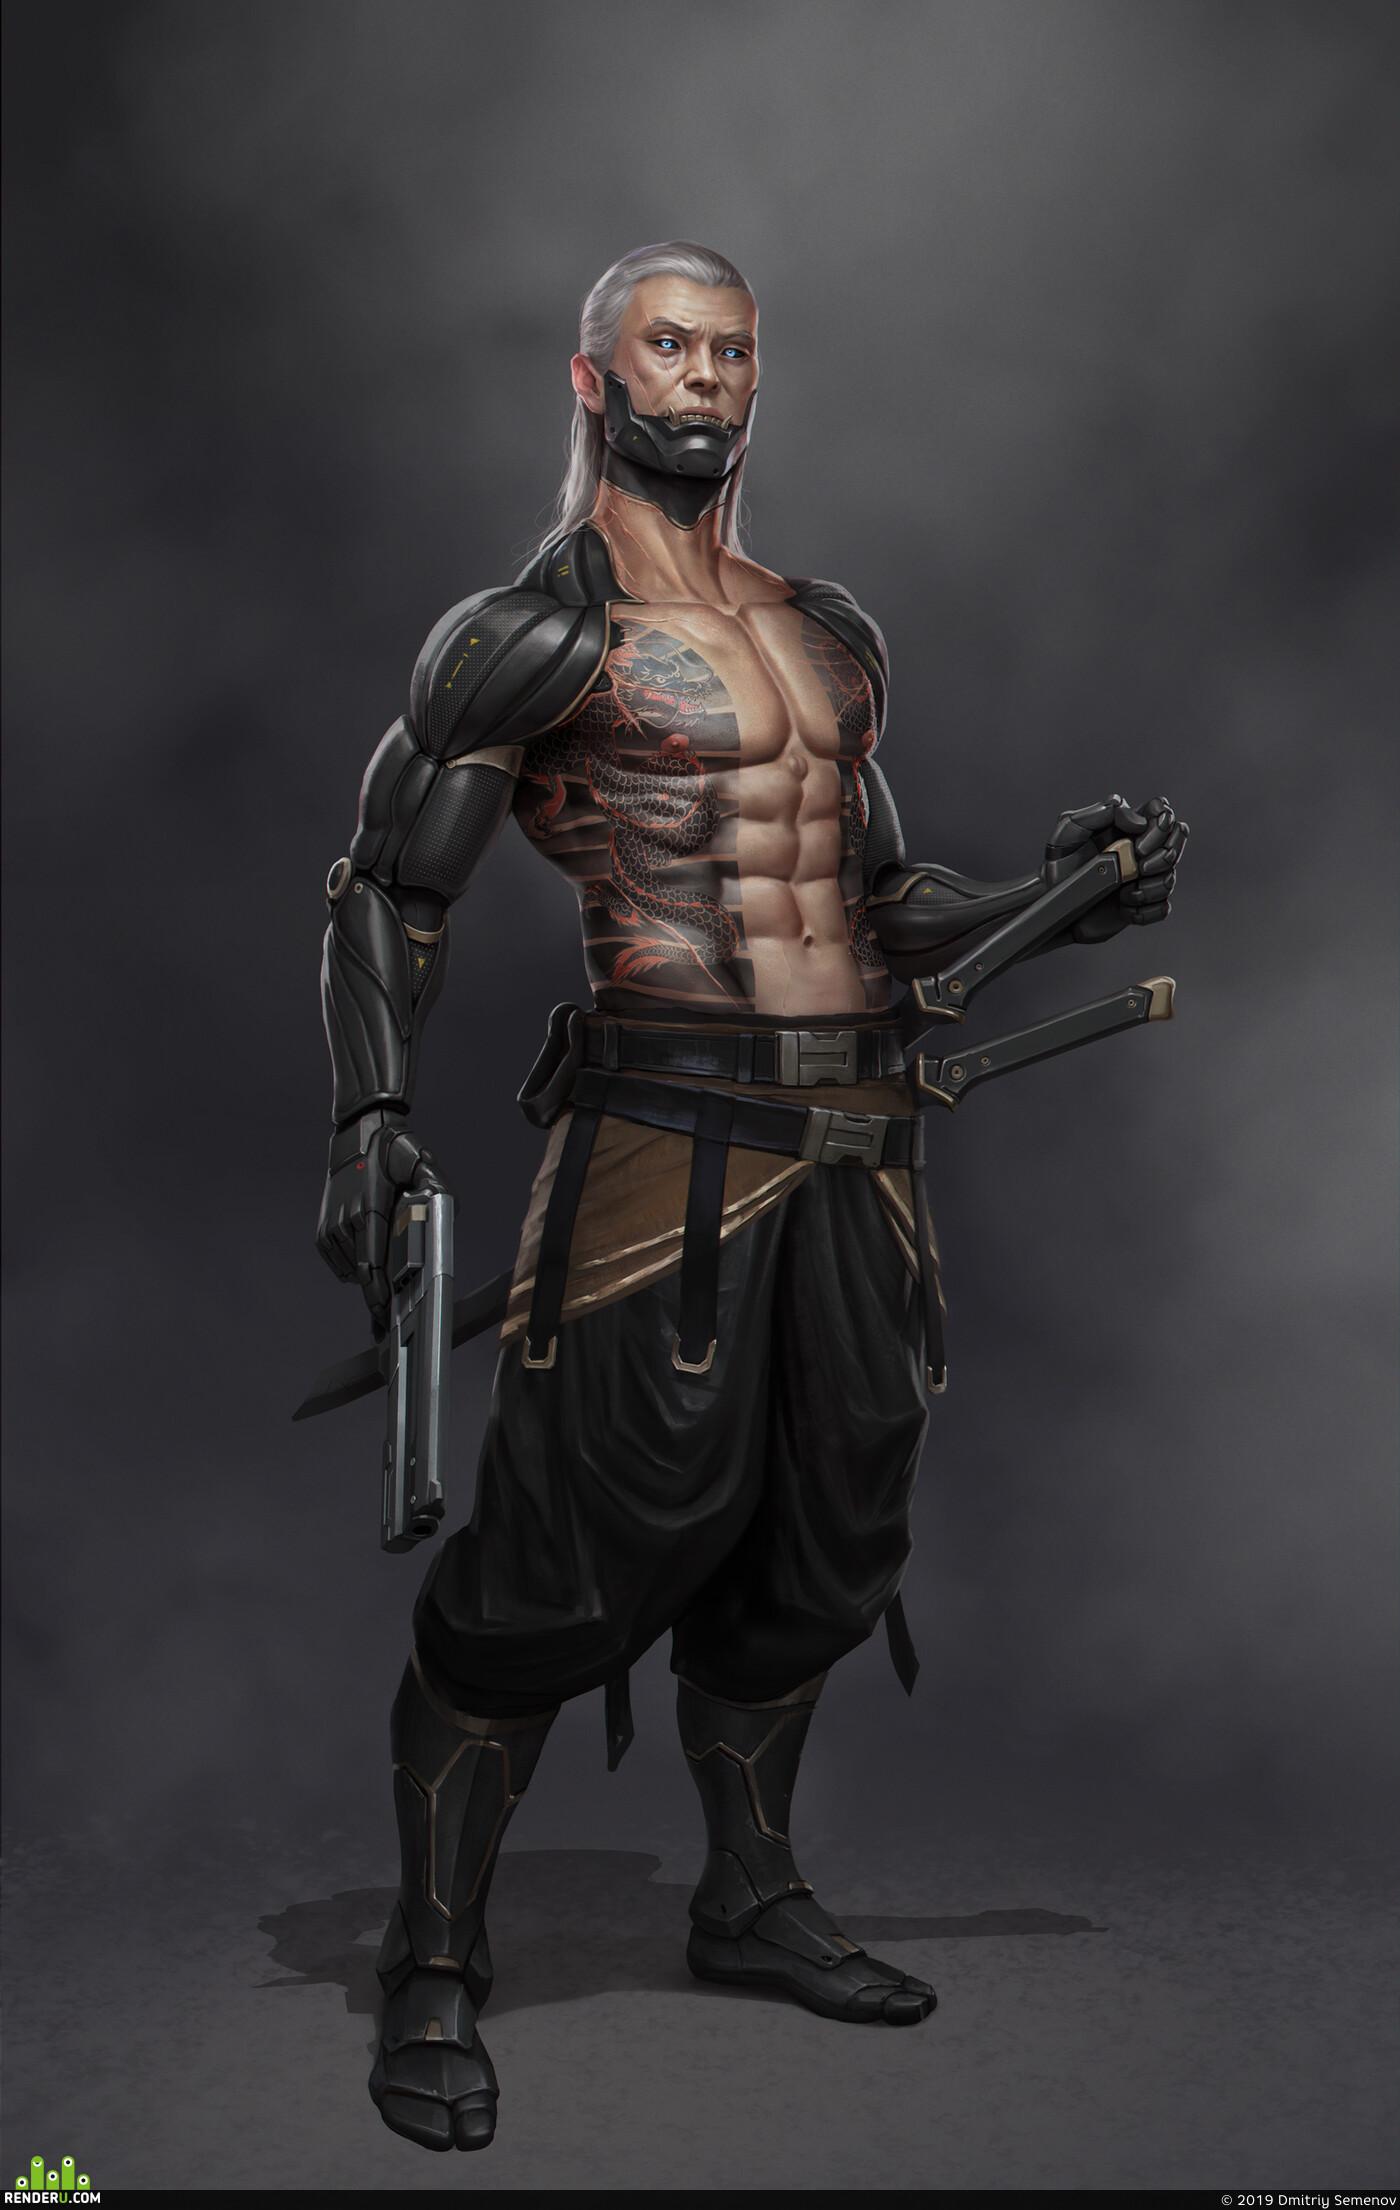 cyborg, sci-fi, pirate, guns, swords